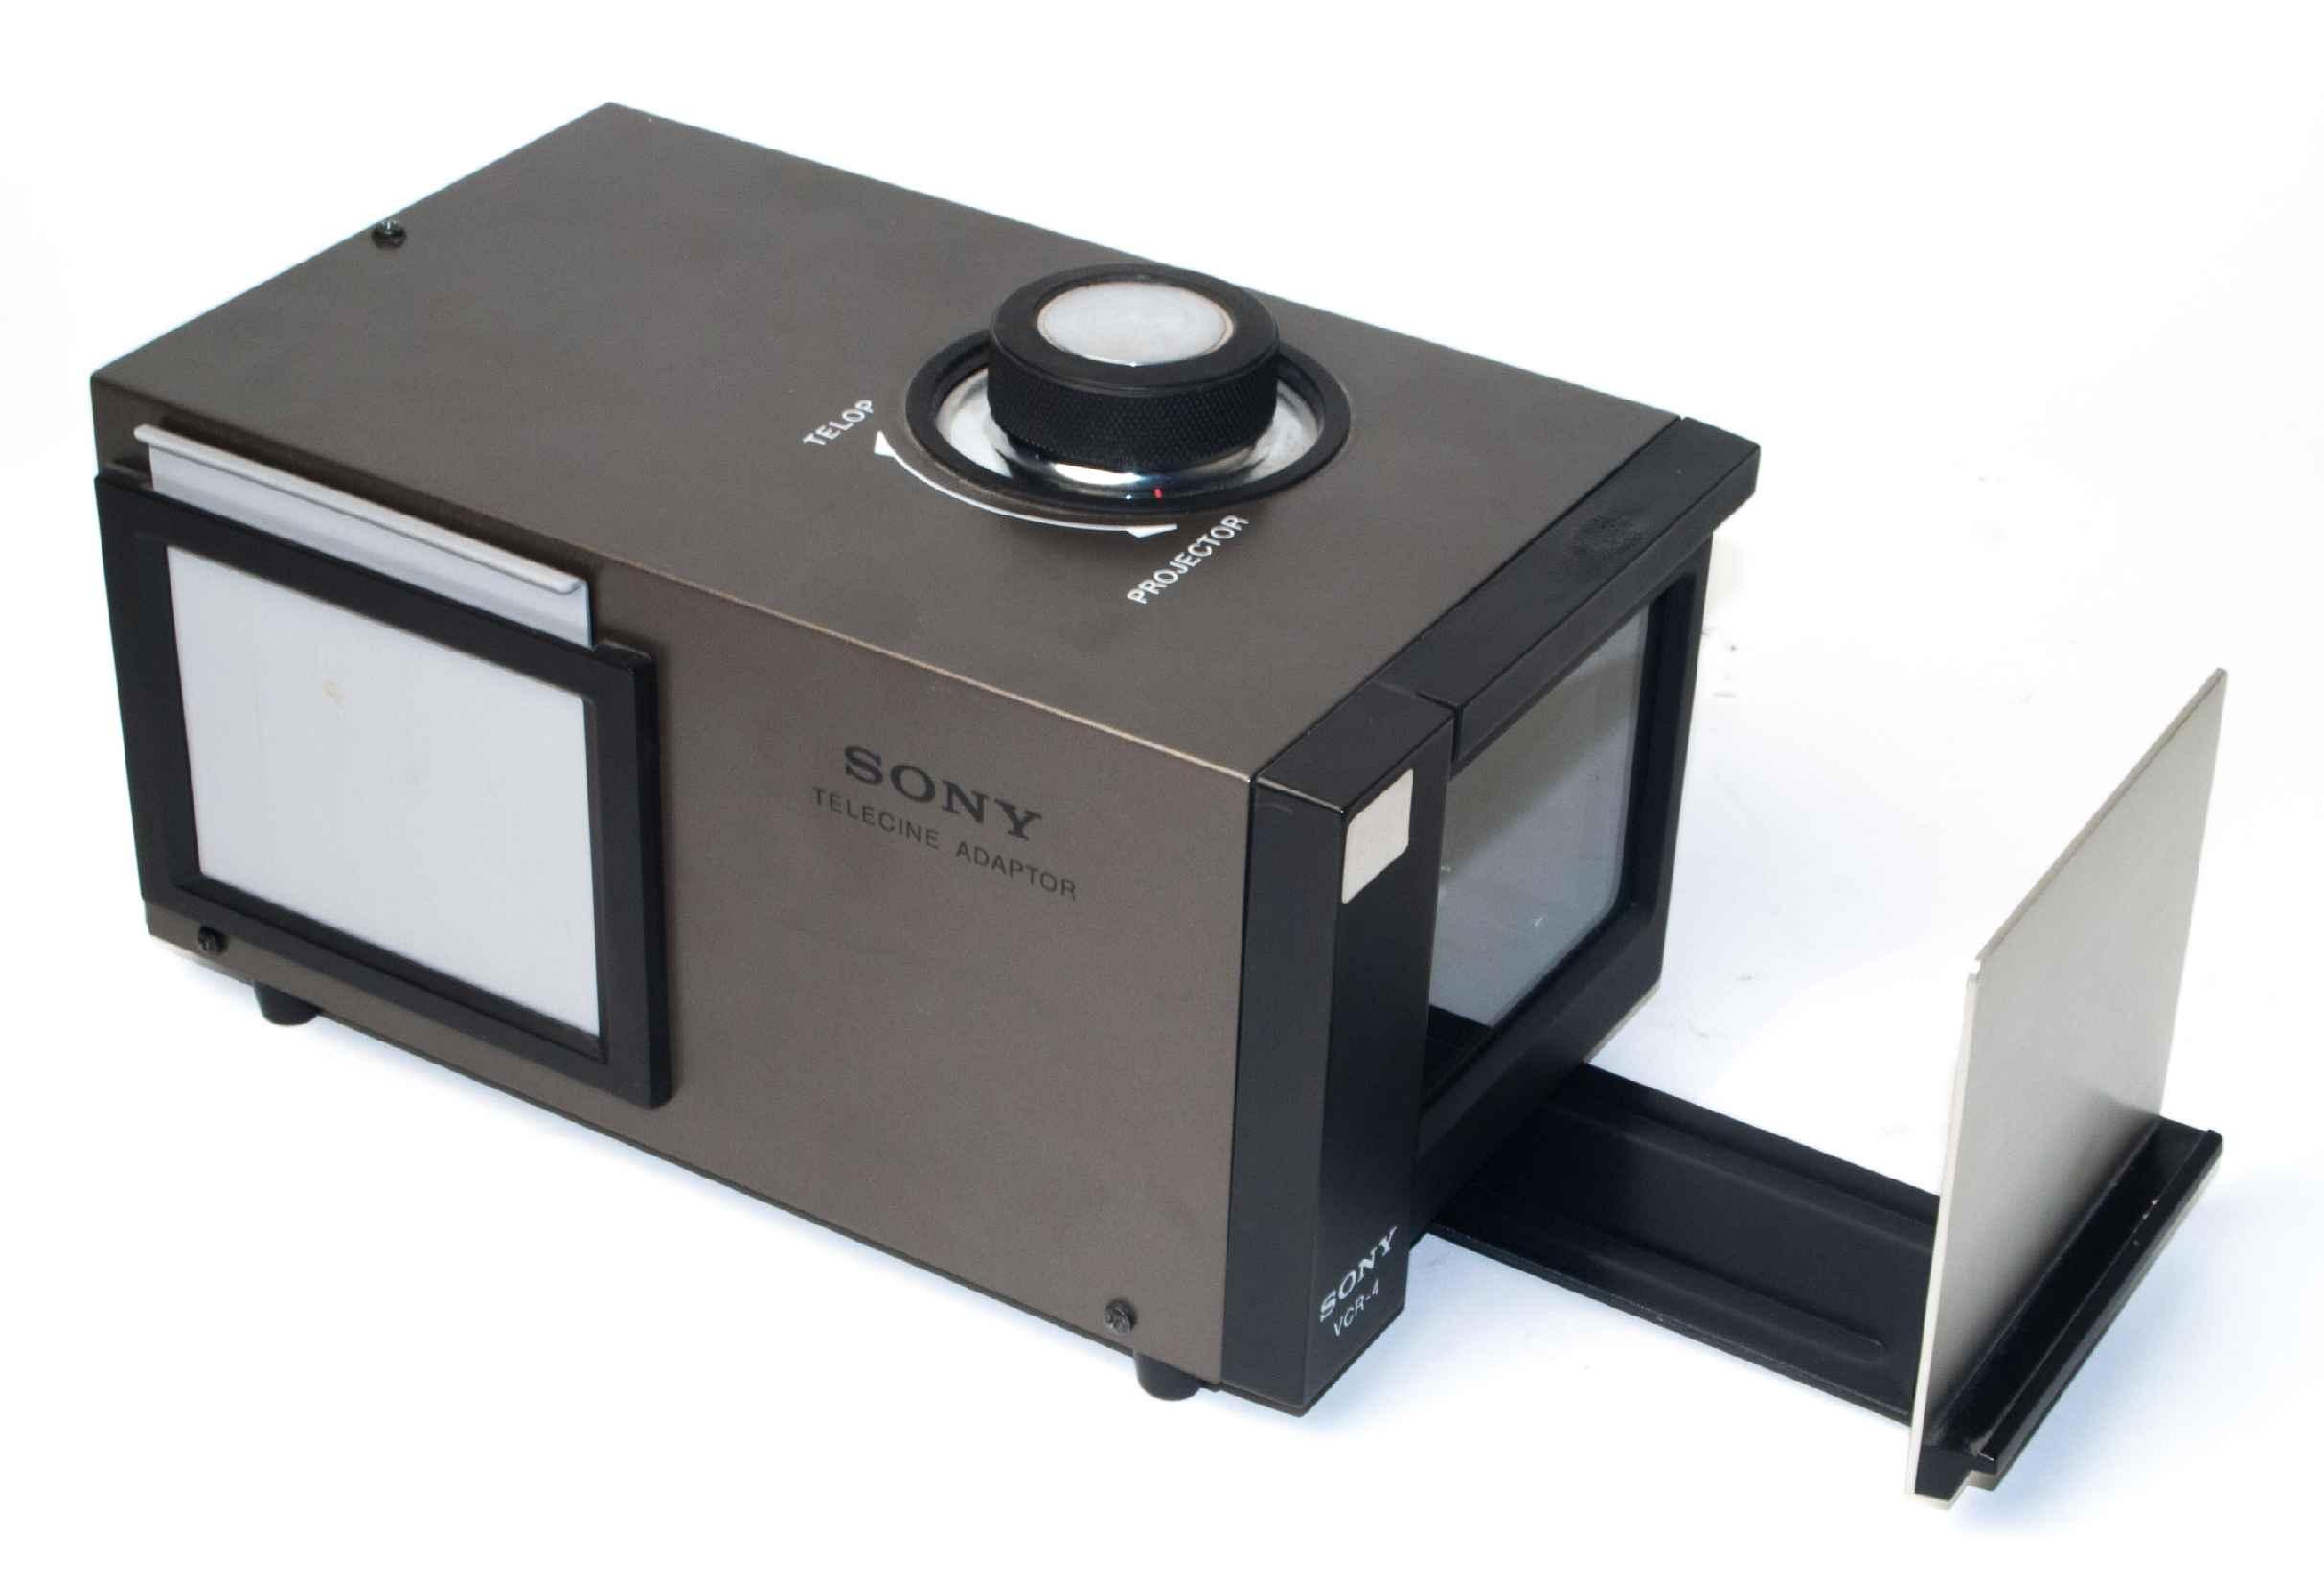 Sony VCR-4 Telecine Adaptor (gebruikt)